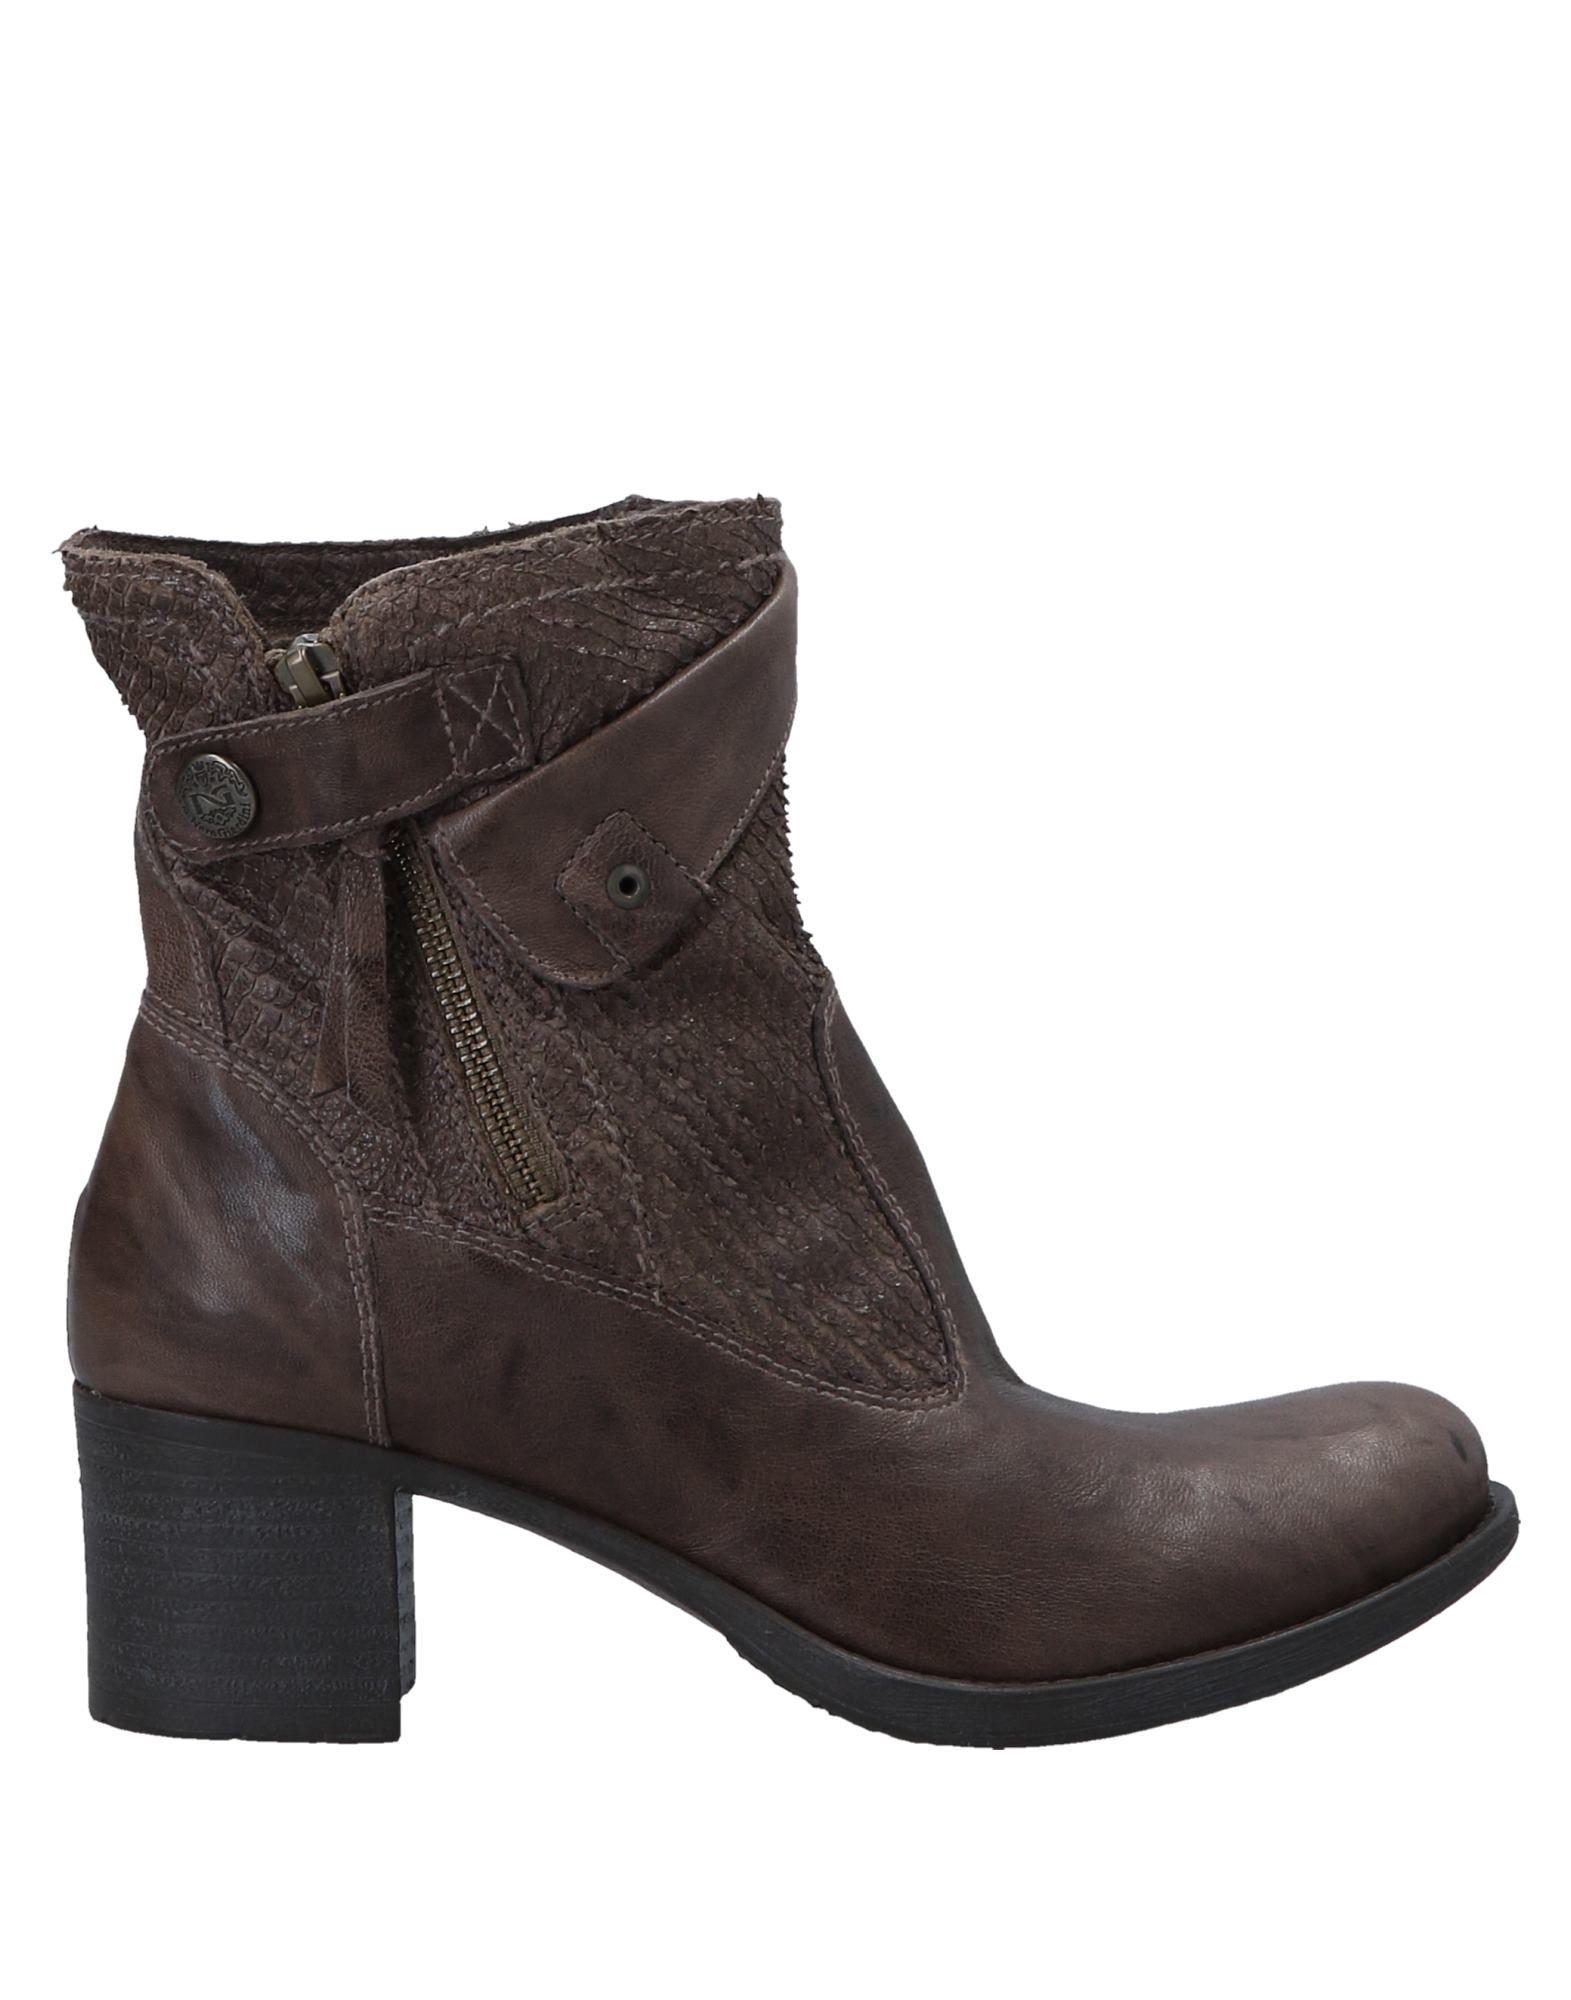 Nero Giardini Stiefelette Damen  11545782GE Gute Qualität beliebte Schuhe